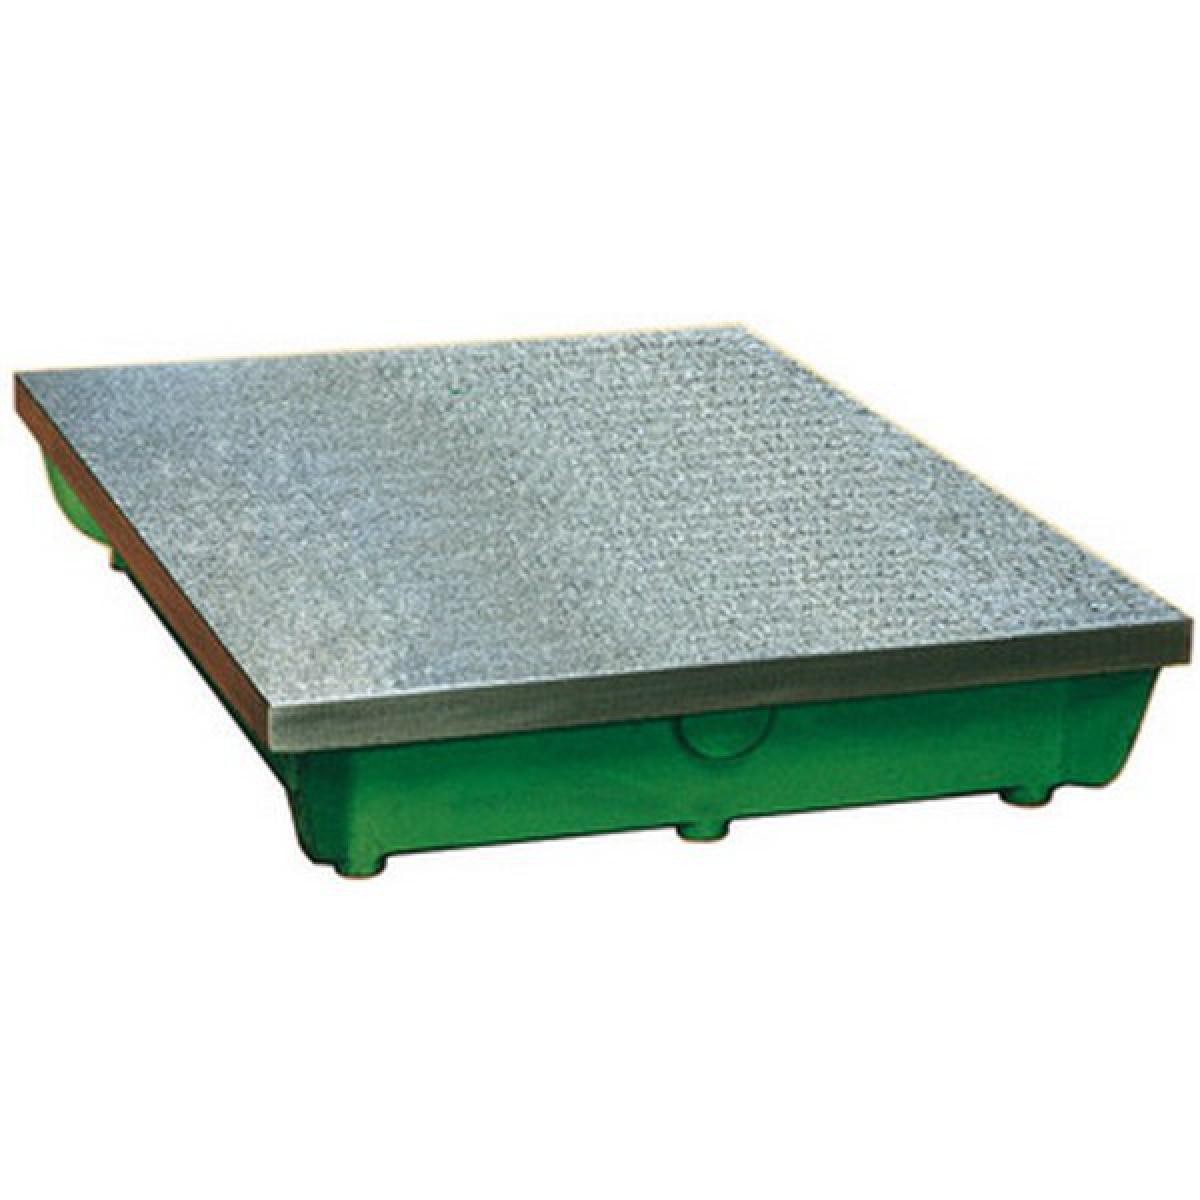 Protec Plaque à tracer et à dresser, qualité 1, Taille : 1200 x 800 mm, Précision µm qualité 1 22, Poids env. 310 kg